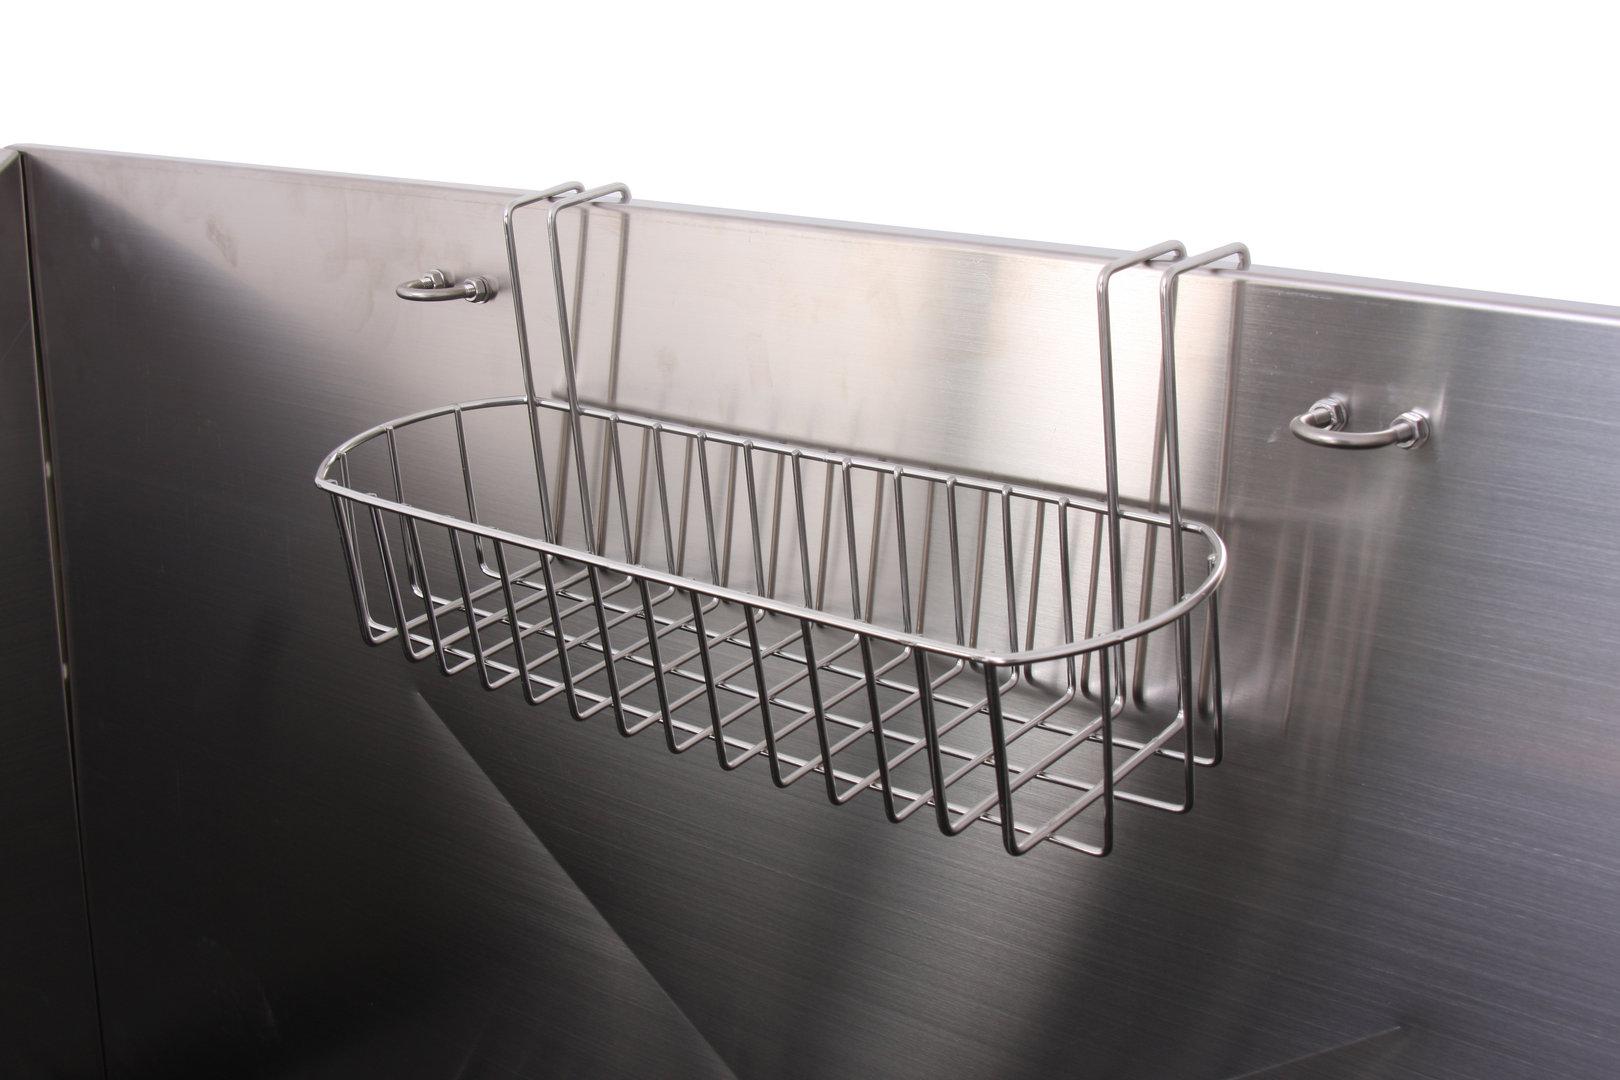 Vasca Da Toelettatura : Supporto per bottiglie di shampoo per vasca da bagno